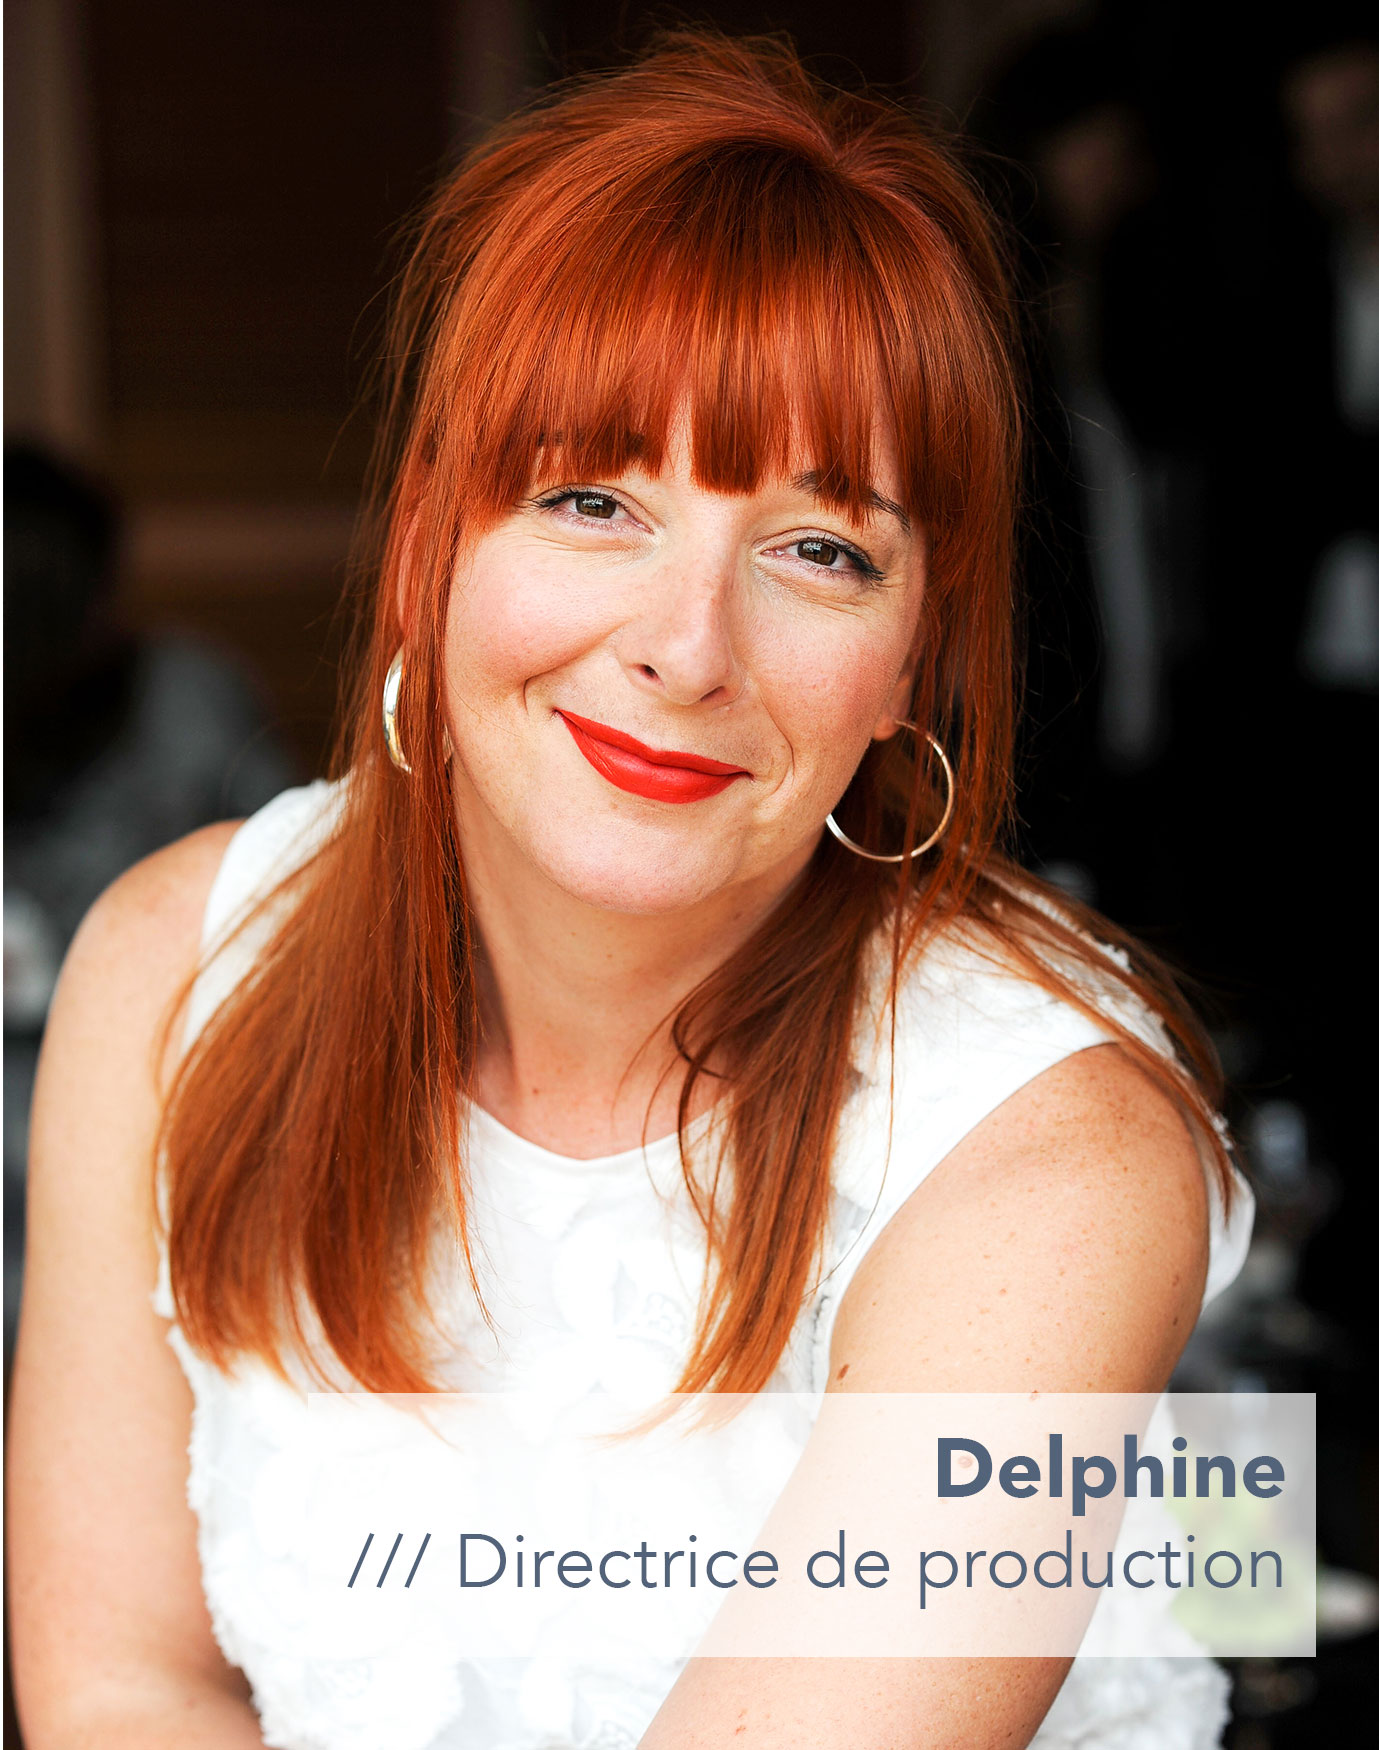 Delphine Directrice de production